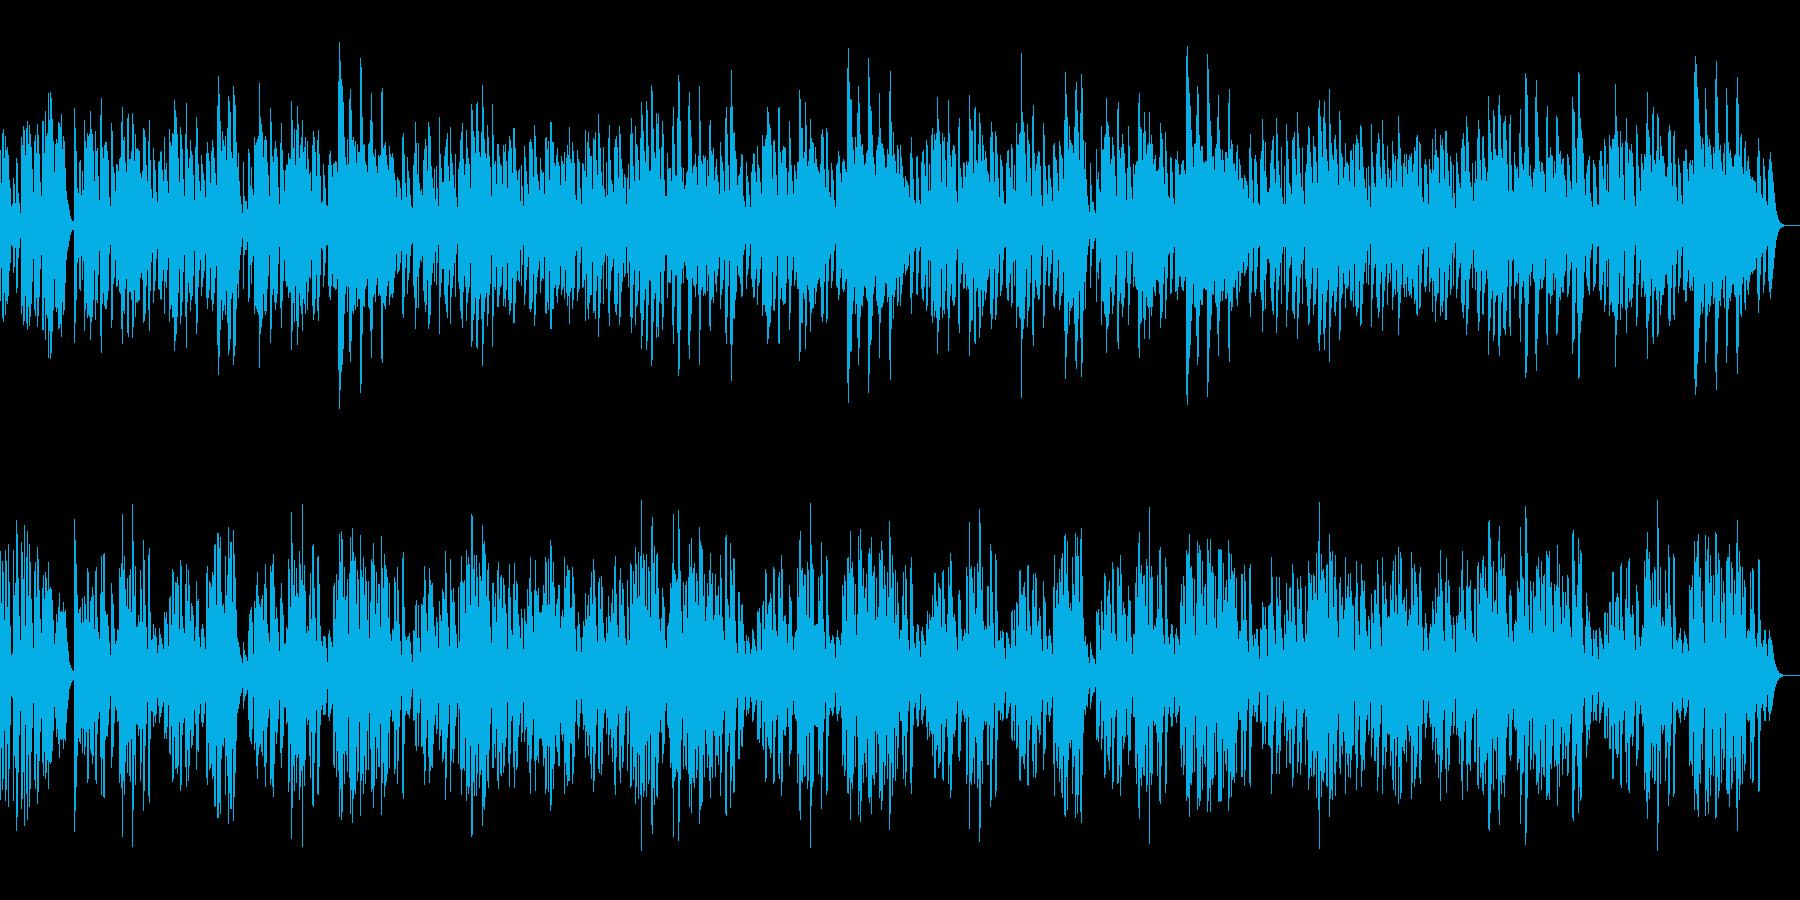 ジ・エンターテイナー マリンババージョンの再生済みの波形